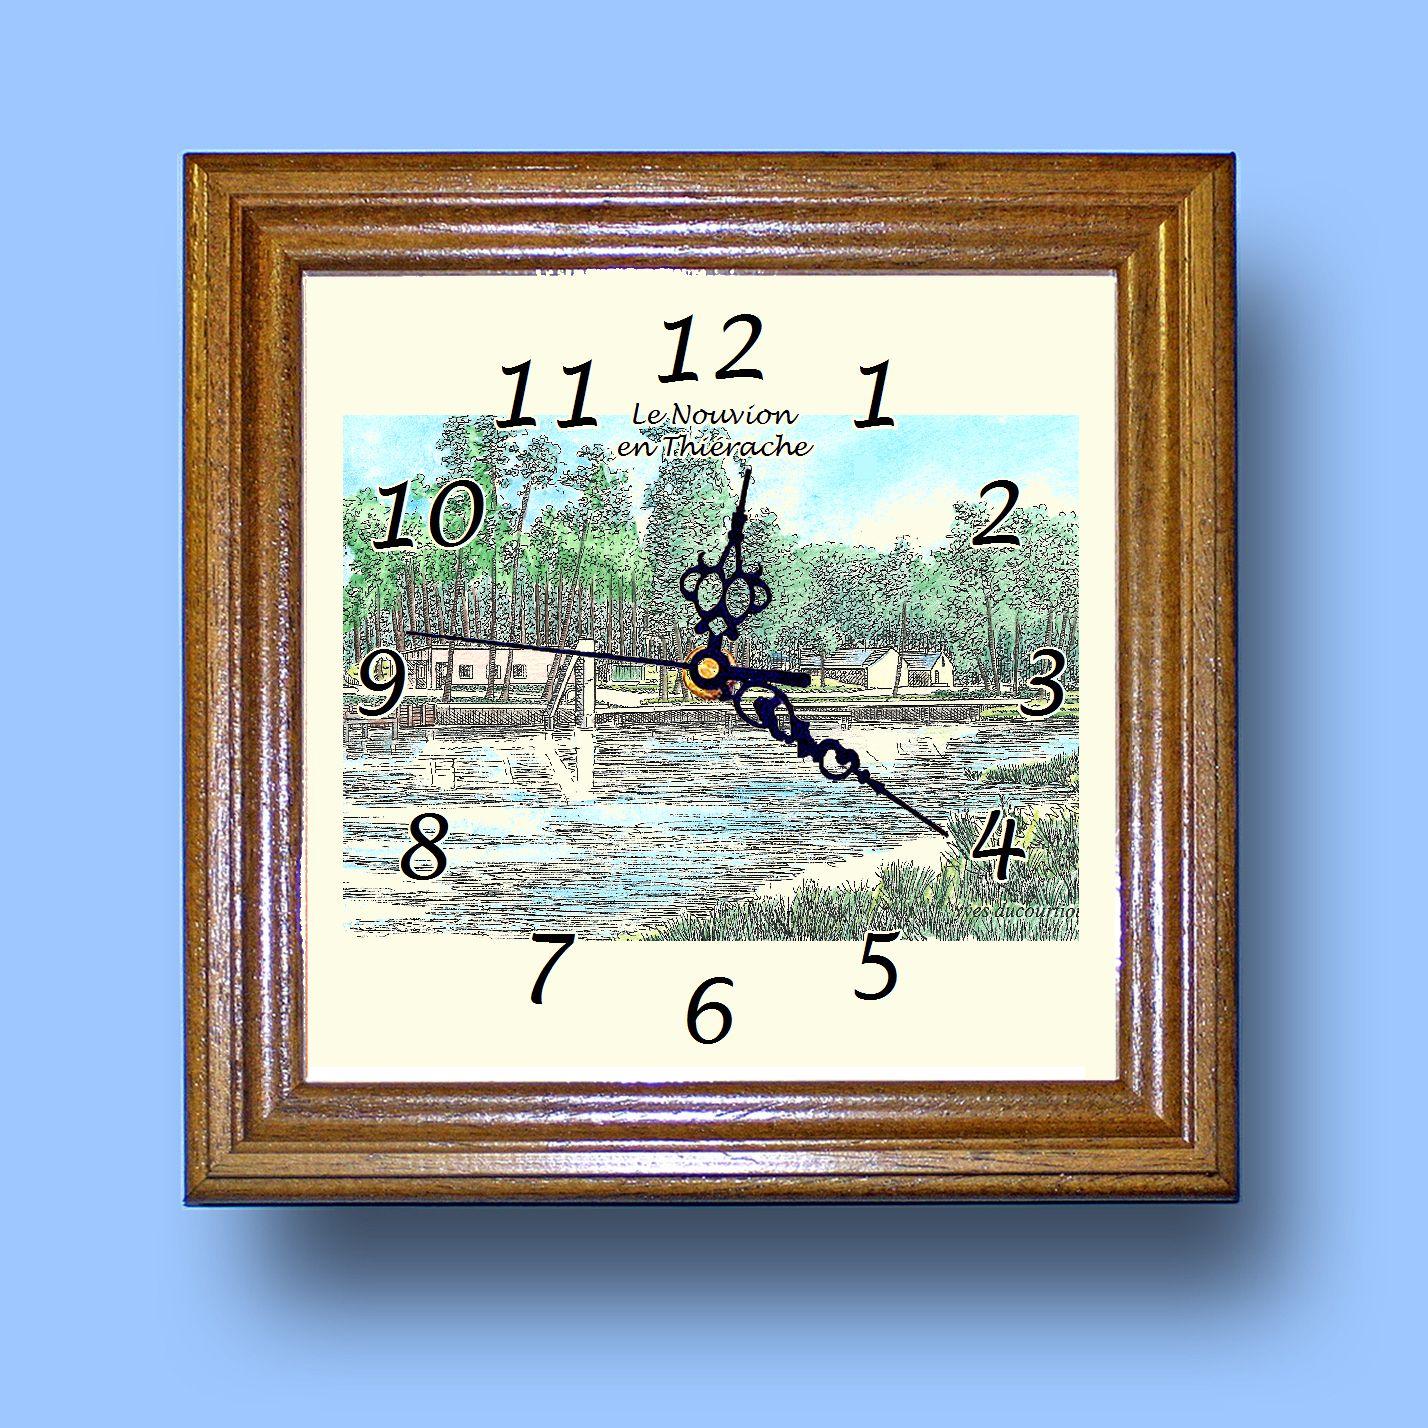 HG CL 02417 - Horloge avec une vue de 02 LE NOUVION EN THIERACHE c4E6Amn9-08070425-416689697